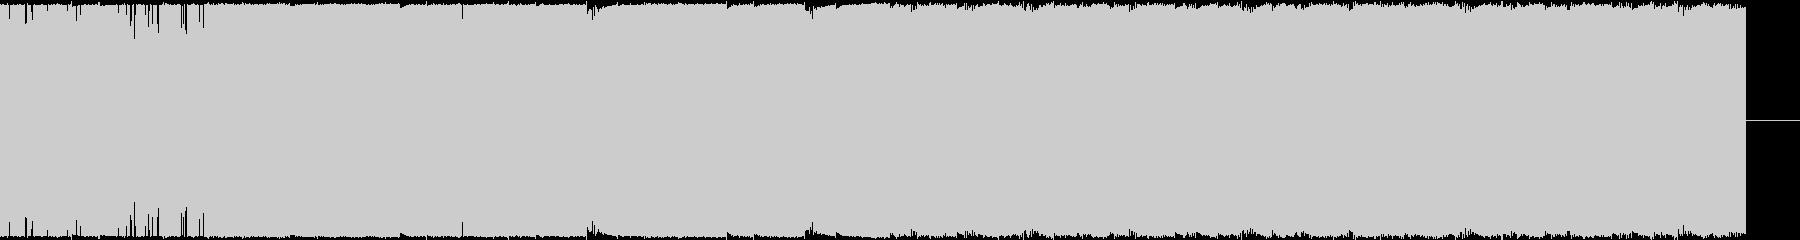 ゲームのロビーで使うインスト曲の未再生の波形